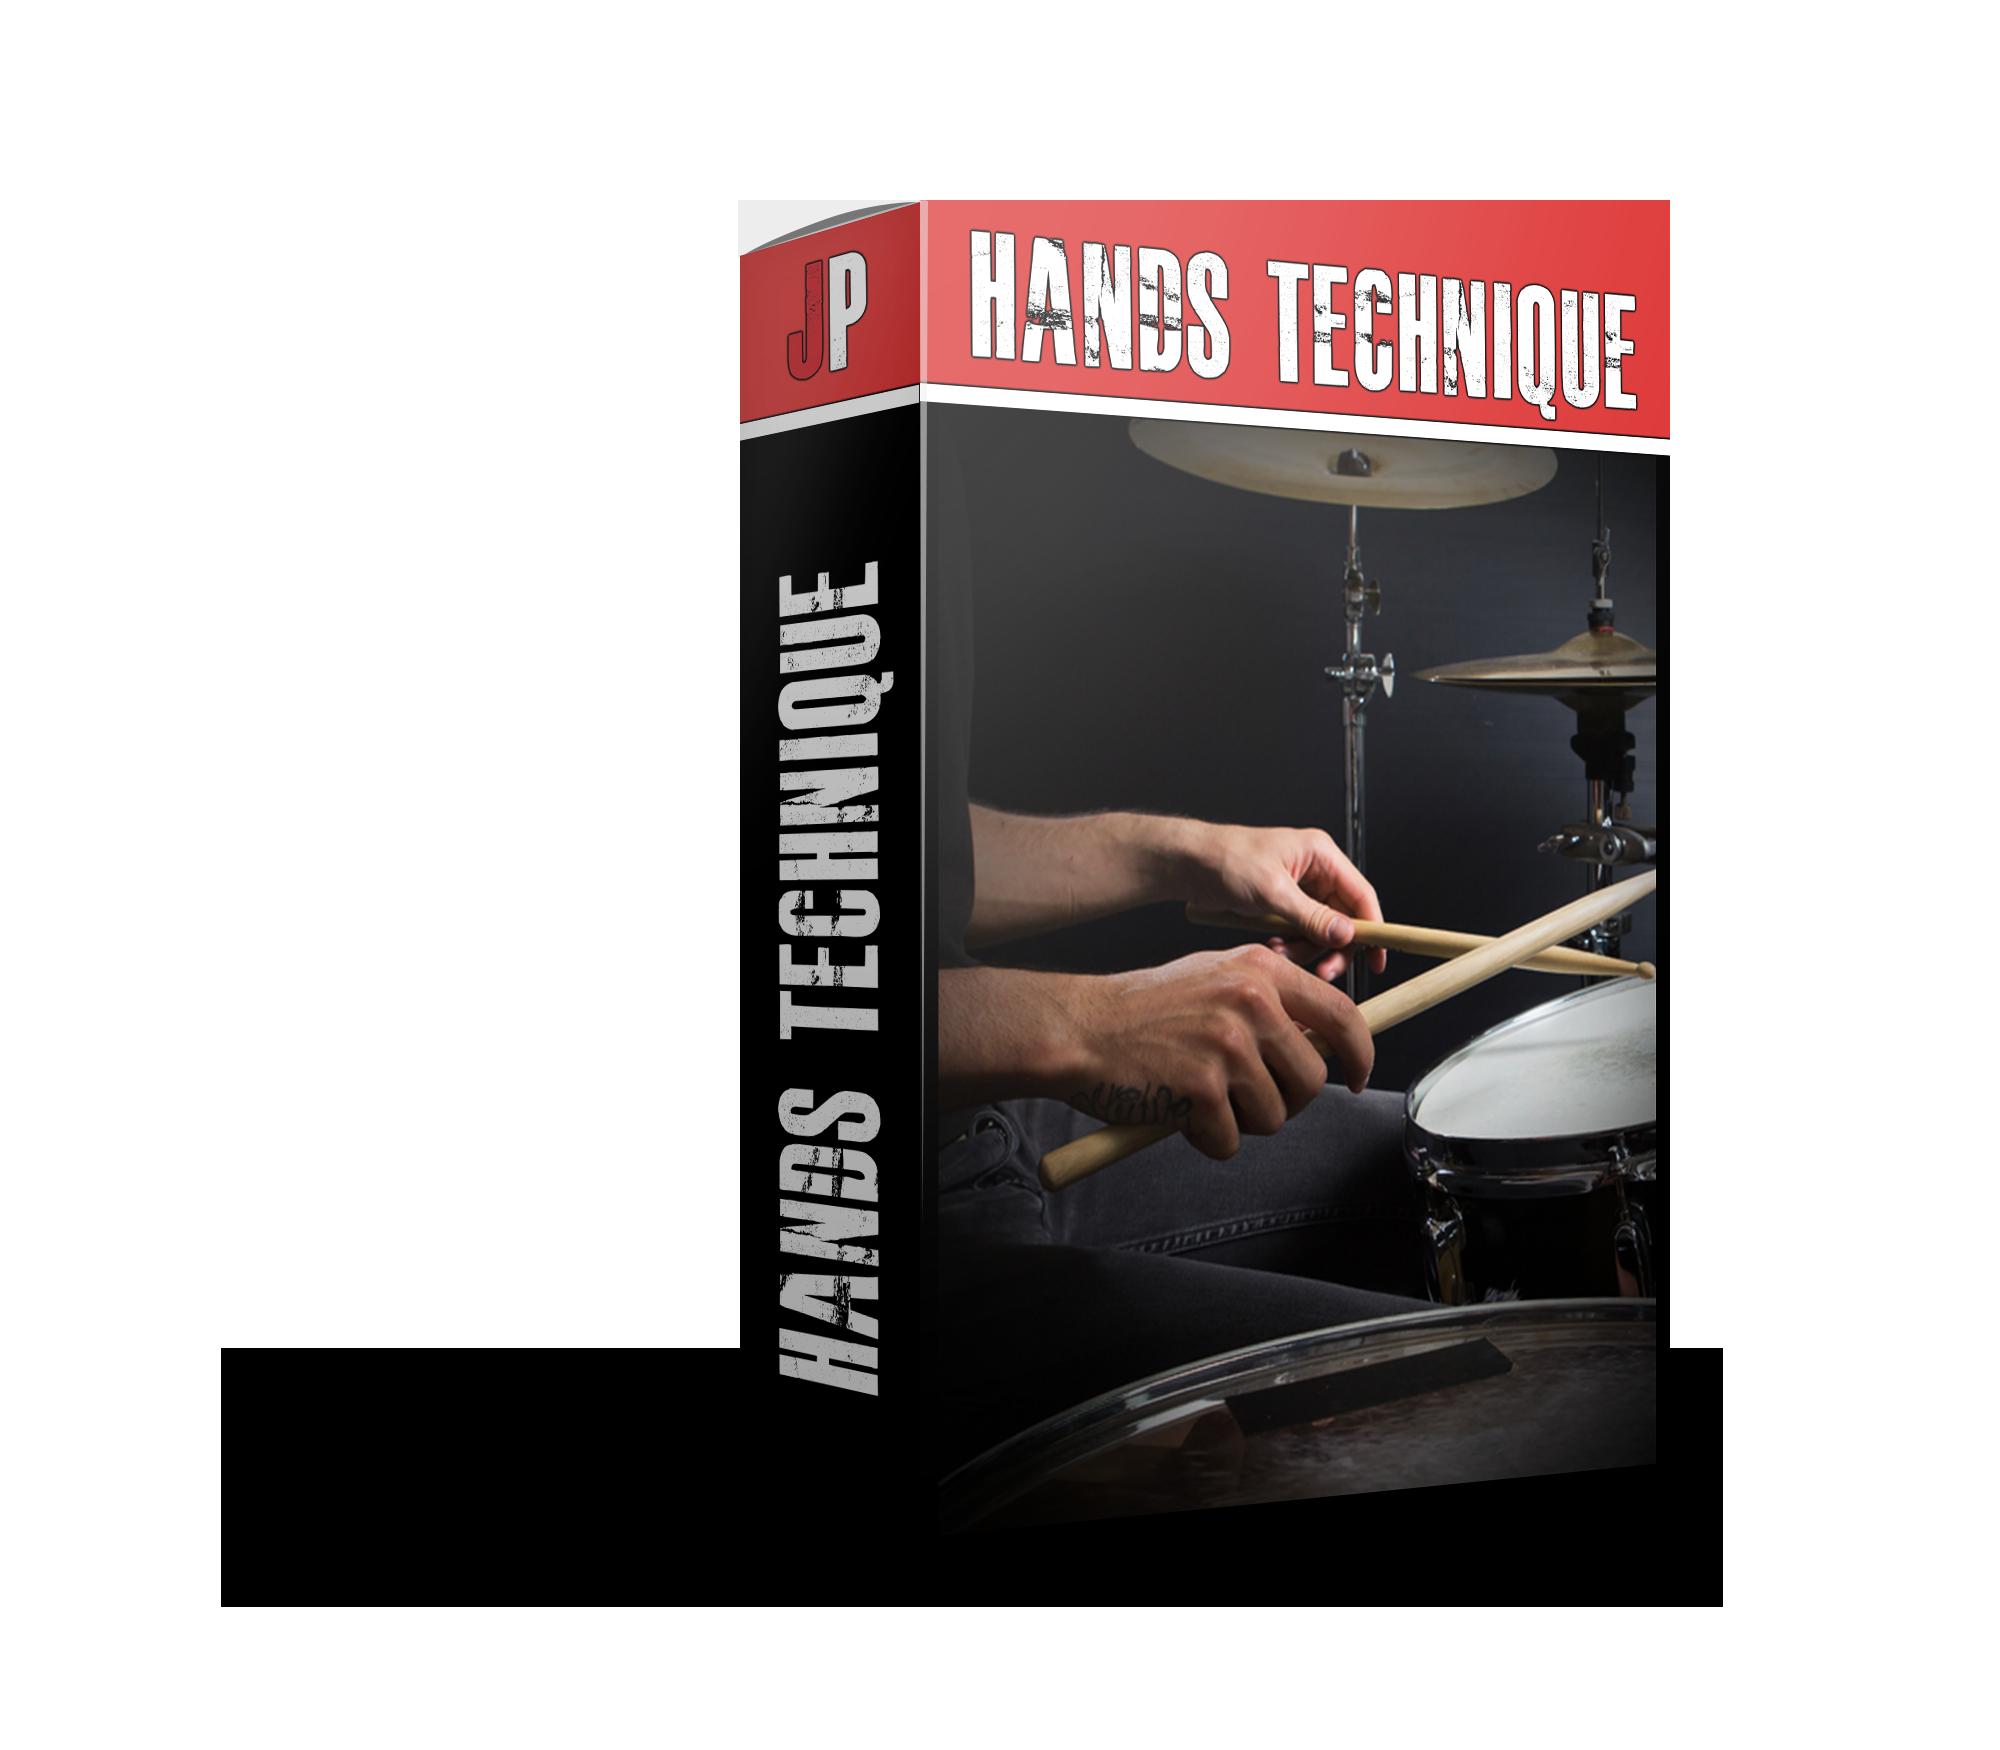 Hand Techniques course image